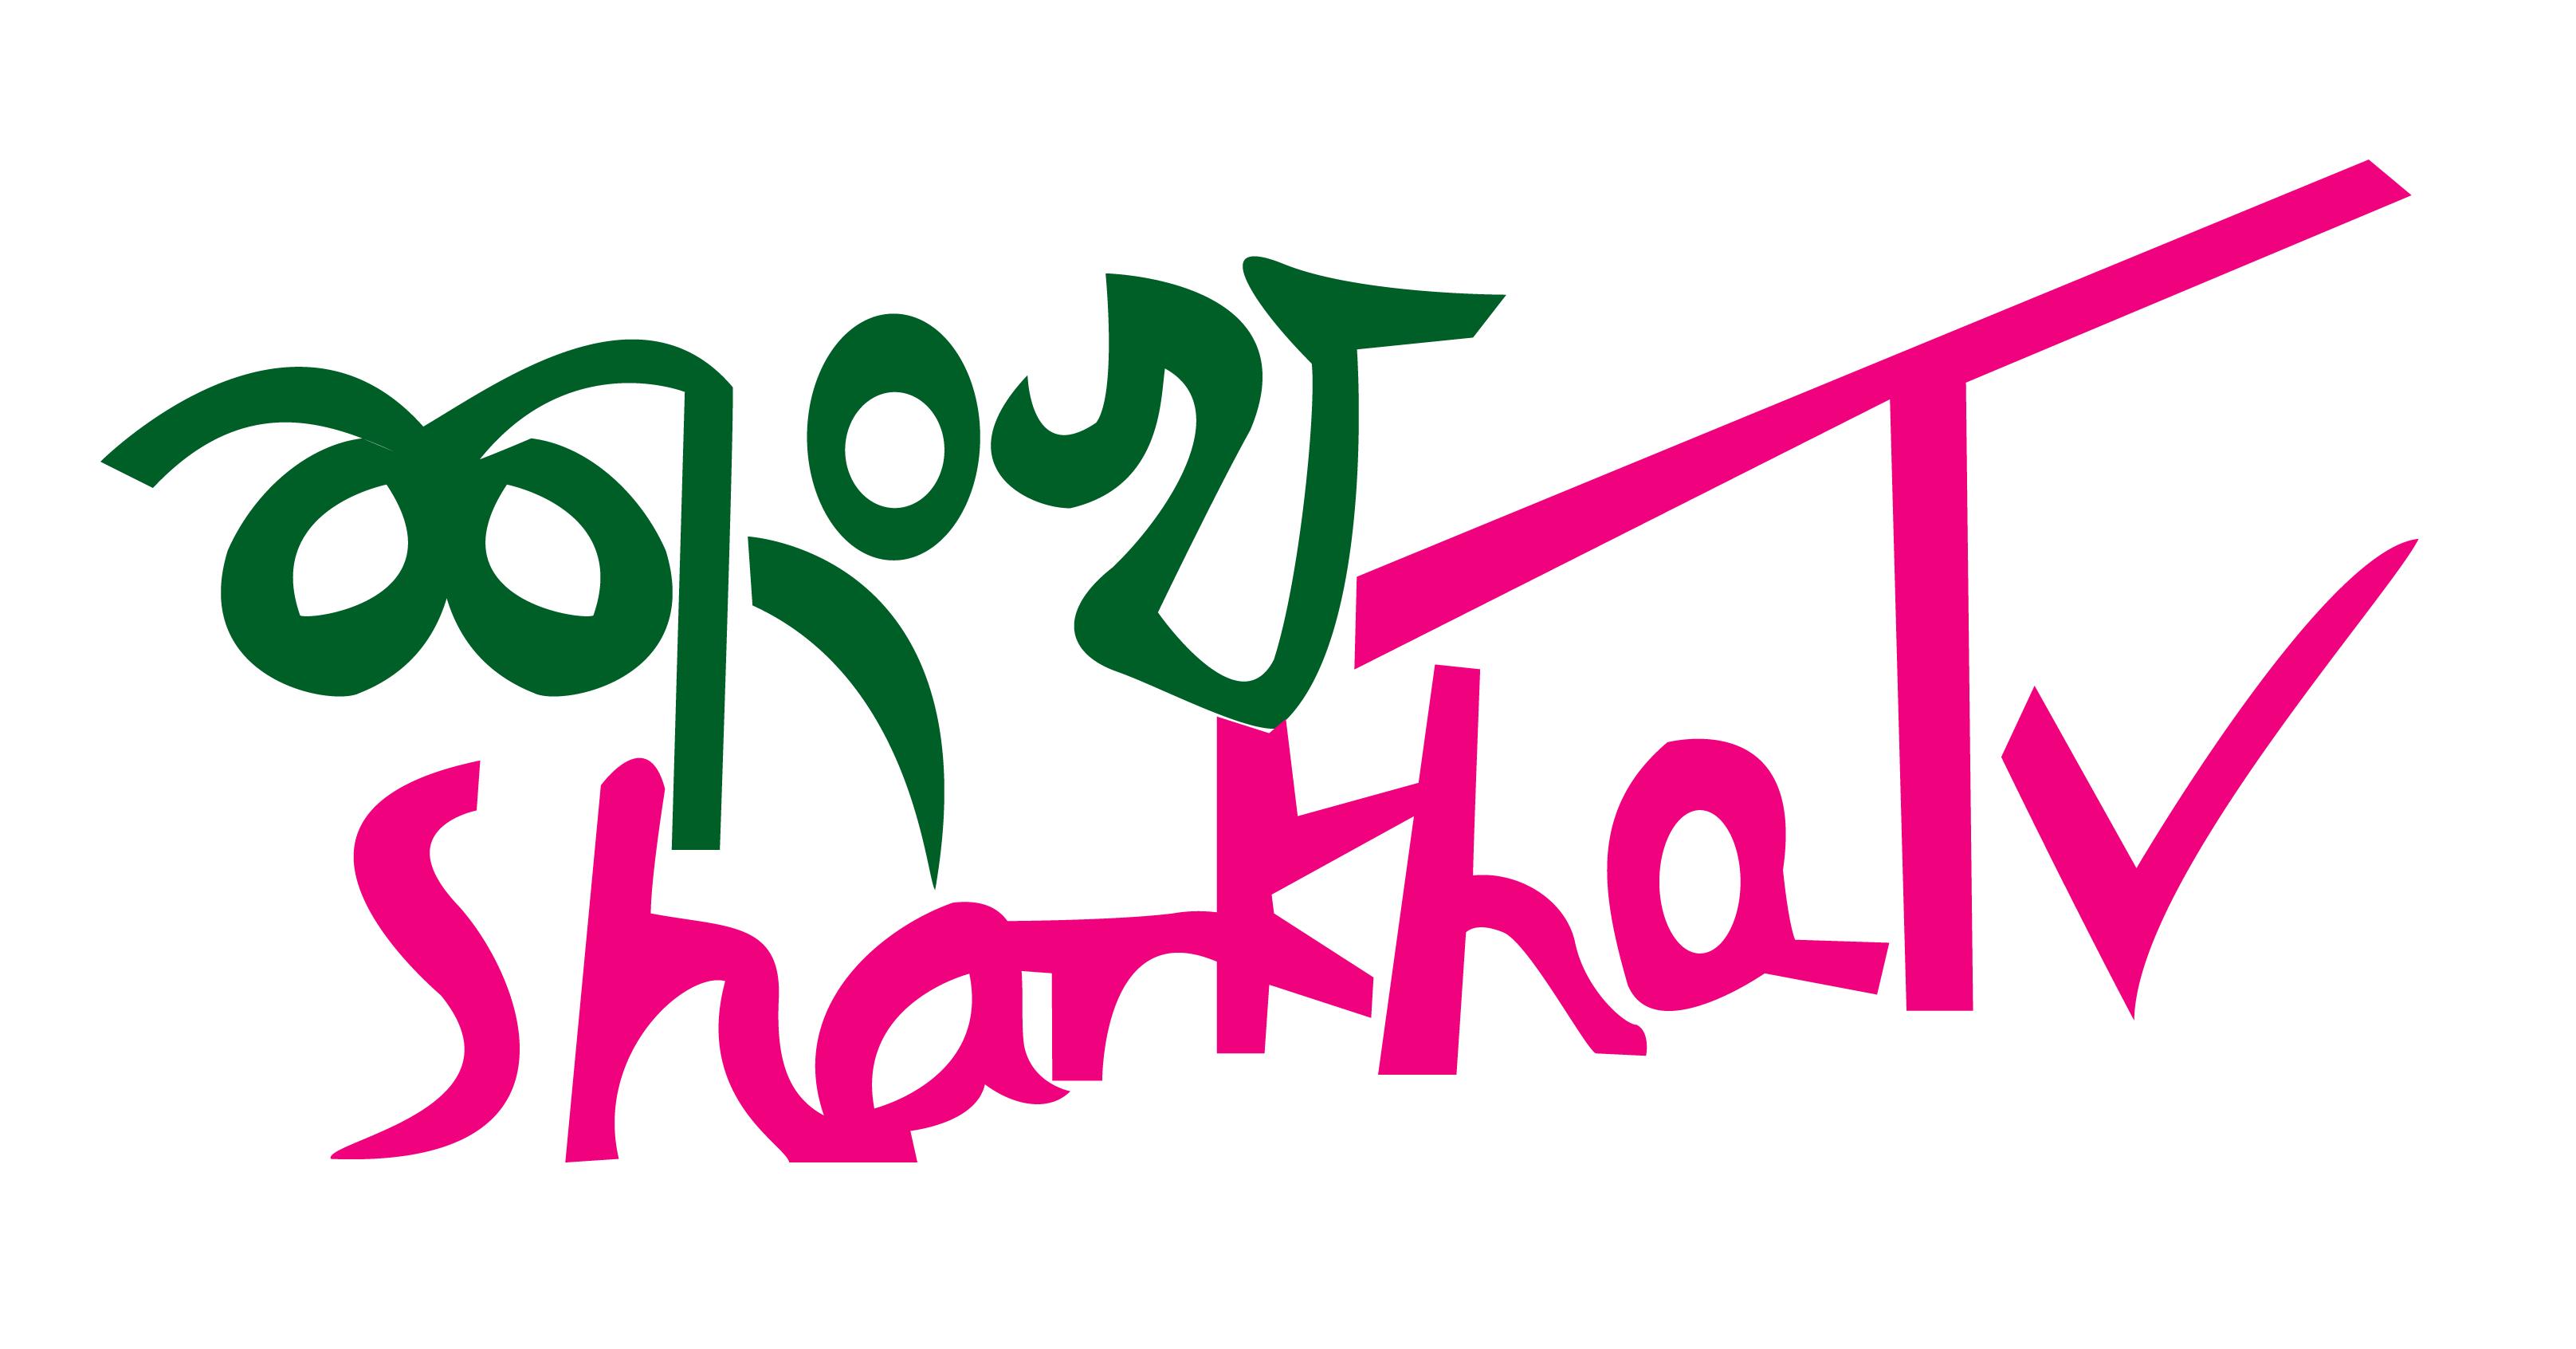 shankhaTv